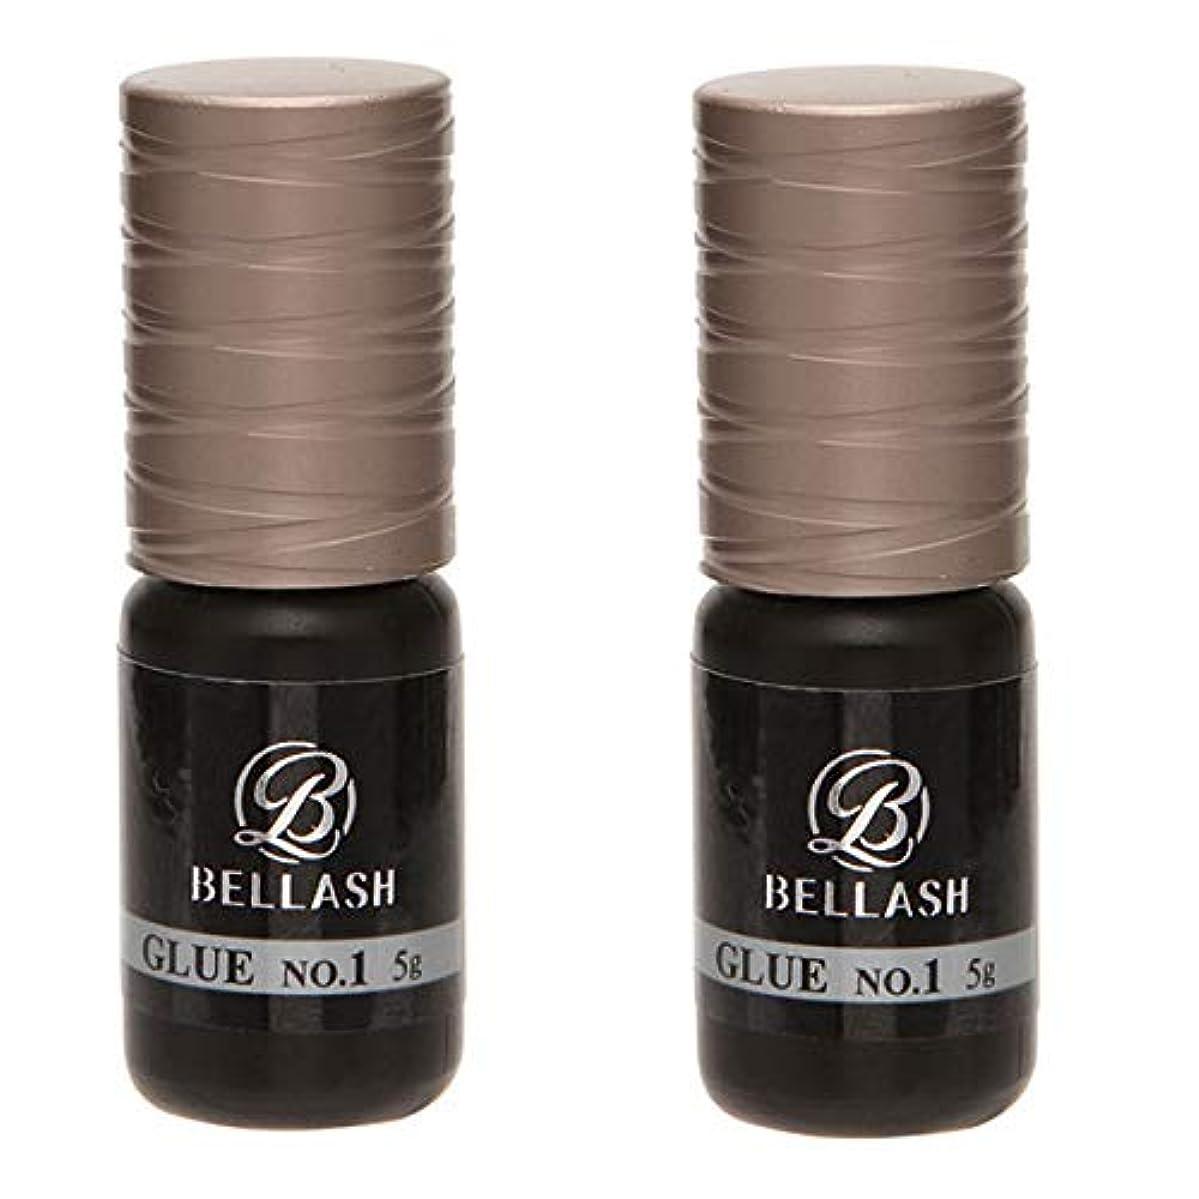 のりちらつきボウリングBELLASH グルー NO.1 5g (2個セット) [ まつ毛グルー マツエクグルー つけまつげ つけまつ毛 接着剤 高持続 速乾 まつげエクステ まつ毛エクステ マツエク エクステ まつげ まつ毛 業務用 ]